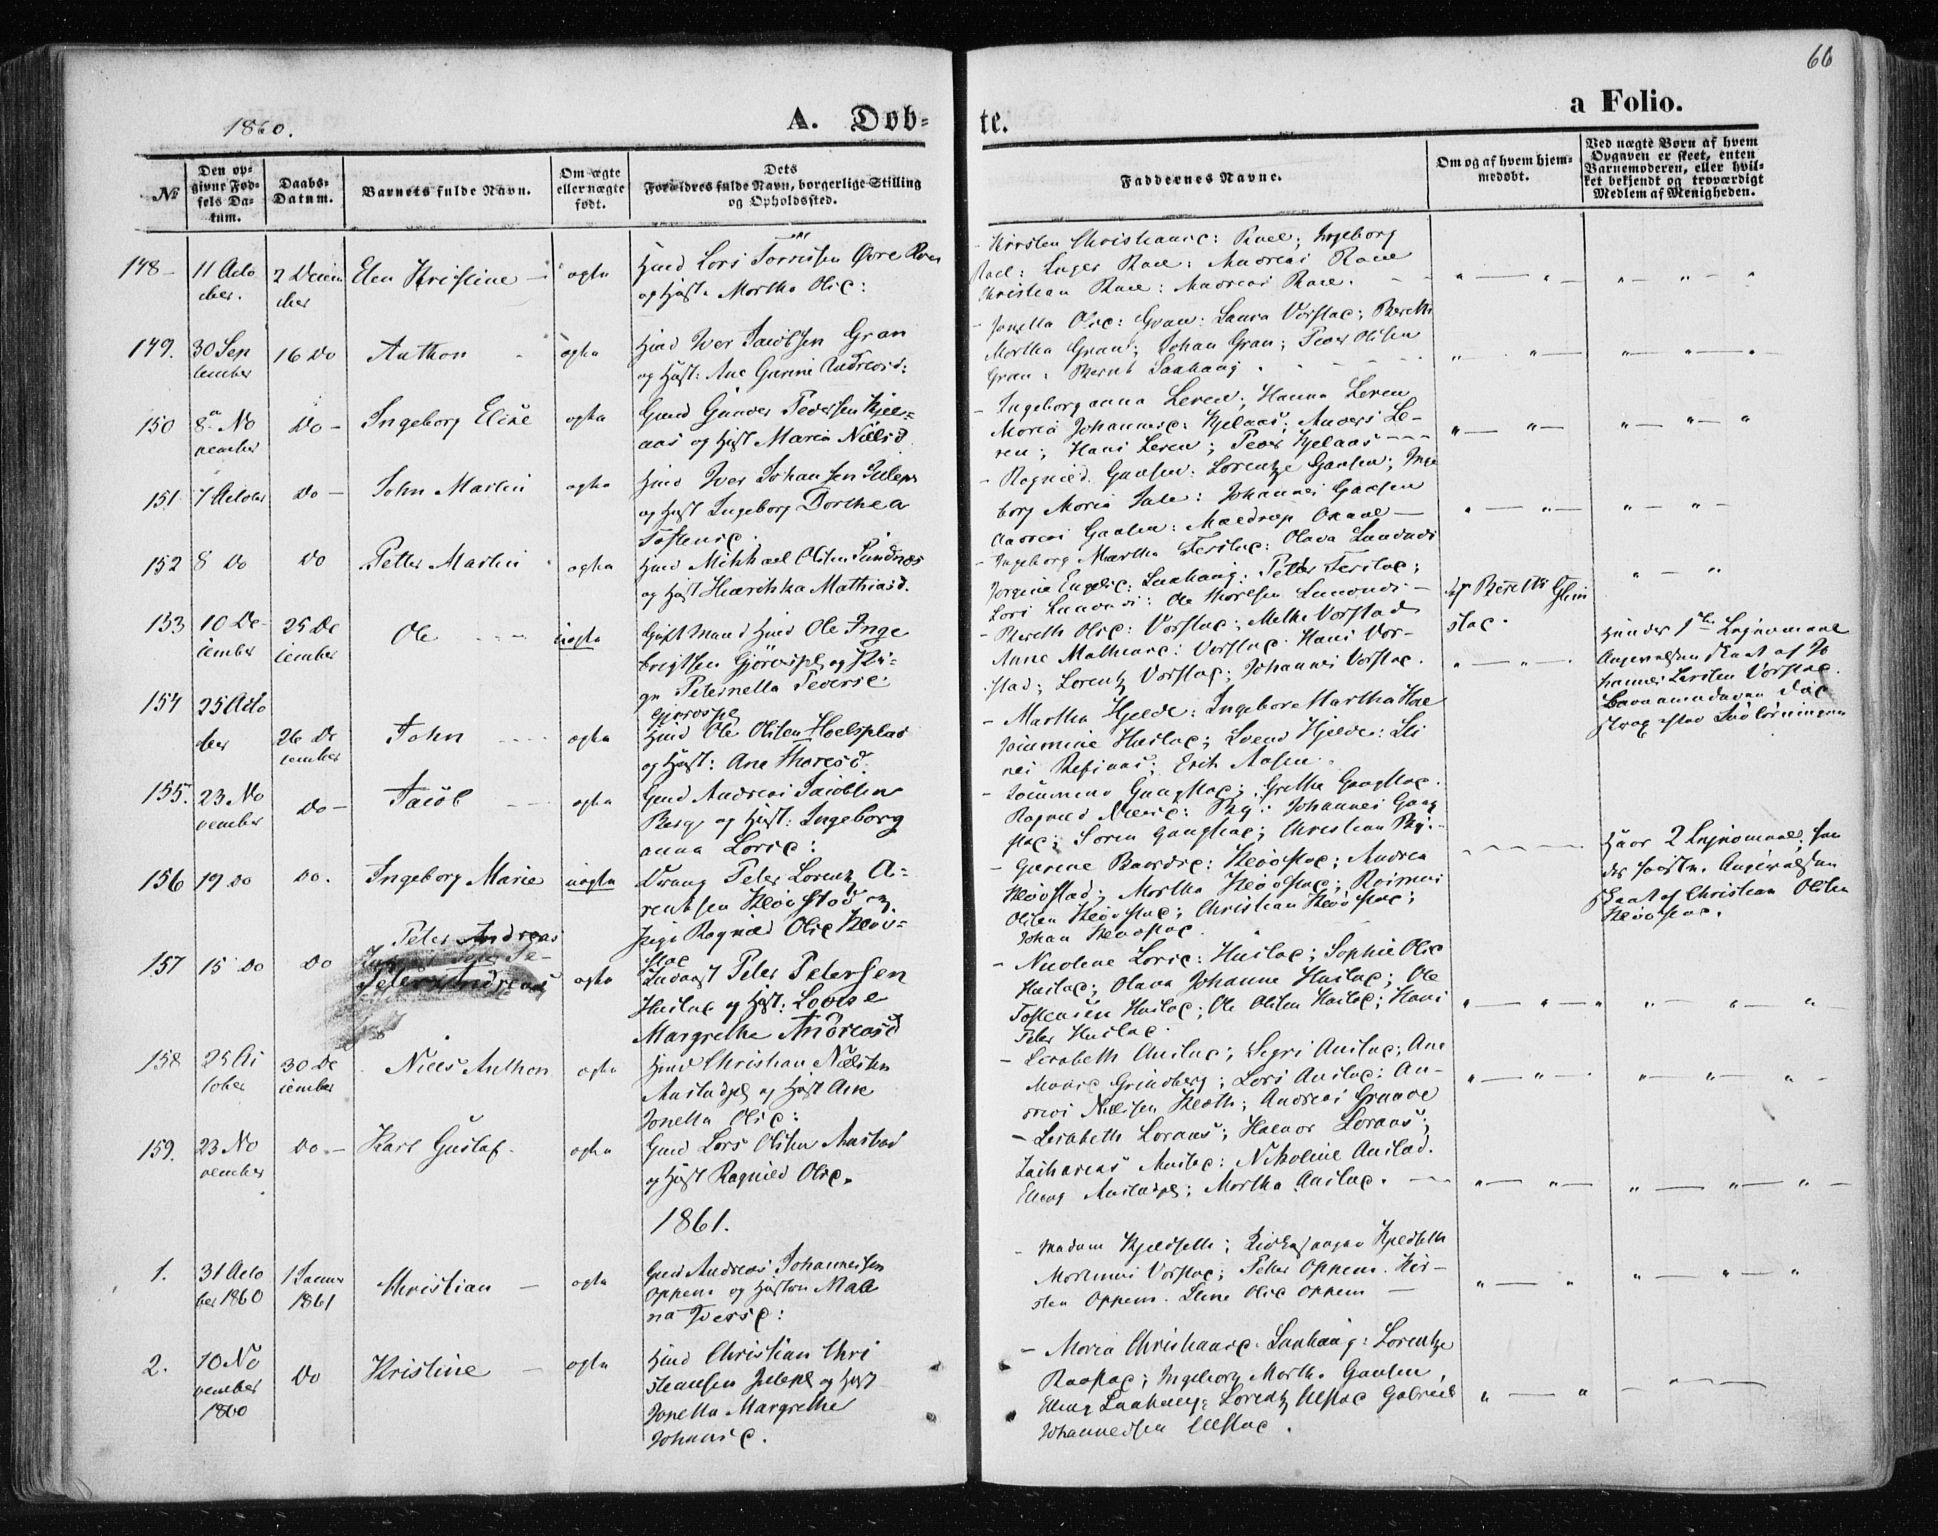 SAT, Ministerialprotokoller, klokkerbøker og fødselsregistre - Nord-Trøndelag, 730/L0283: Ministerialbok nr. 730A08, 1855-1865, s. 66